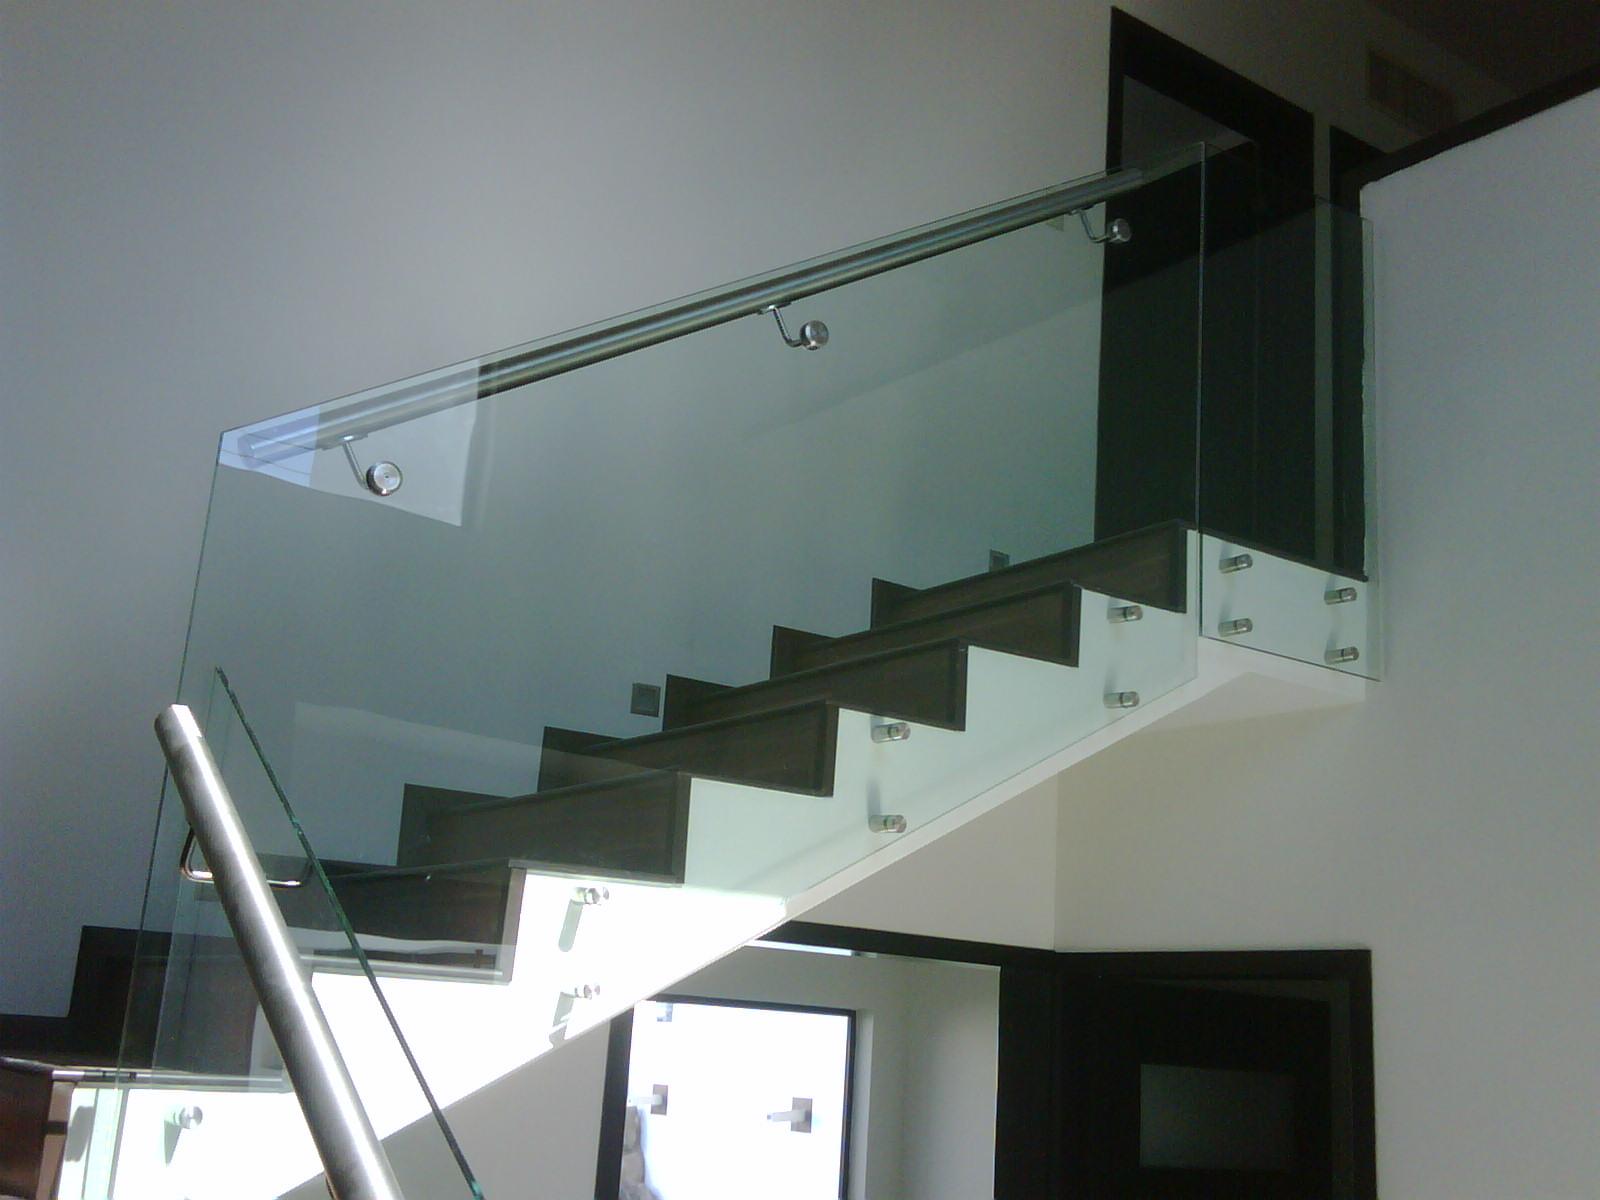 Barandal de cristal vidrio y aluminio meller - Pasamanos de cristal ...